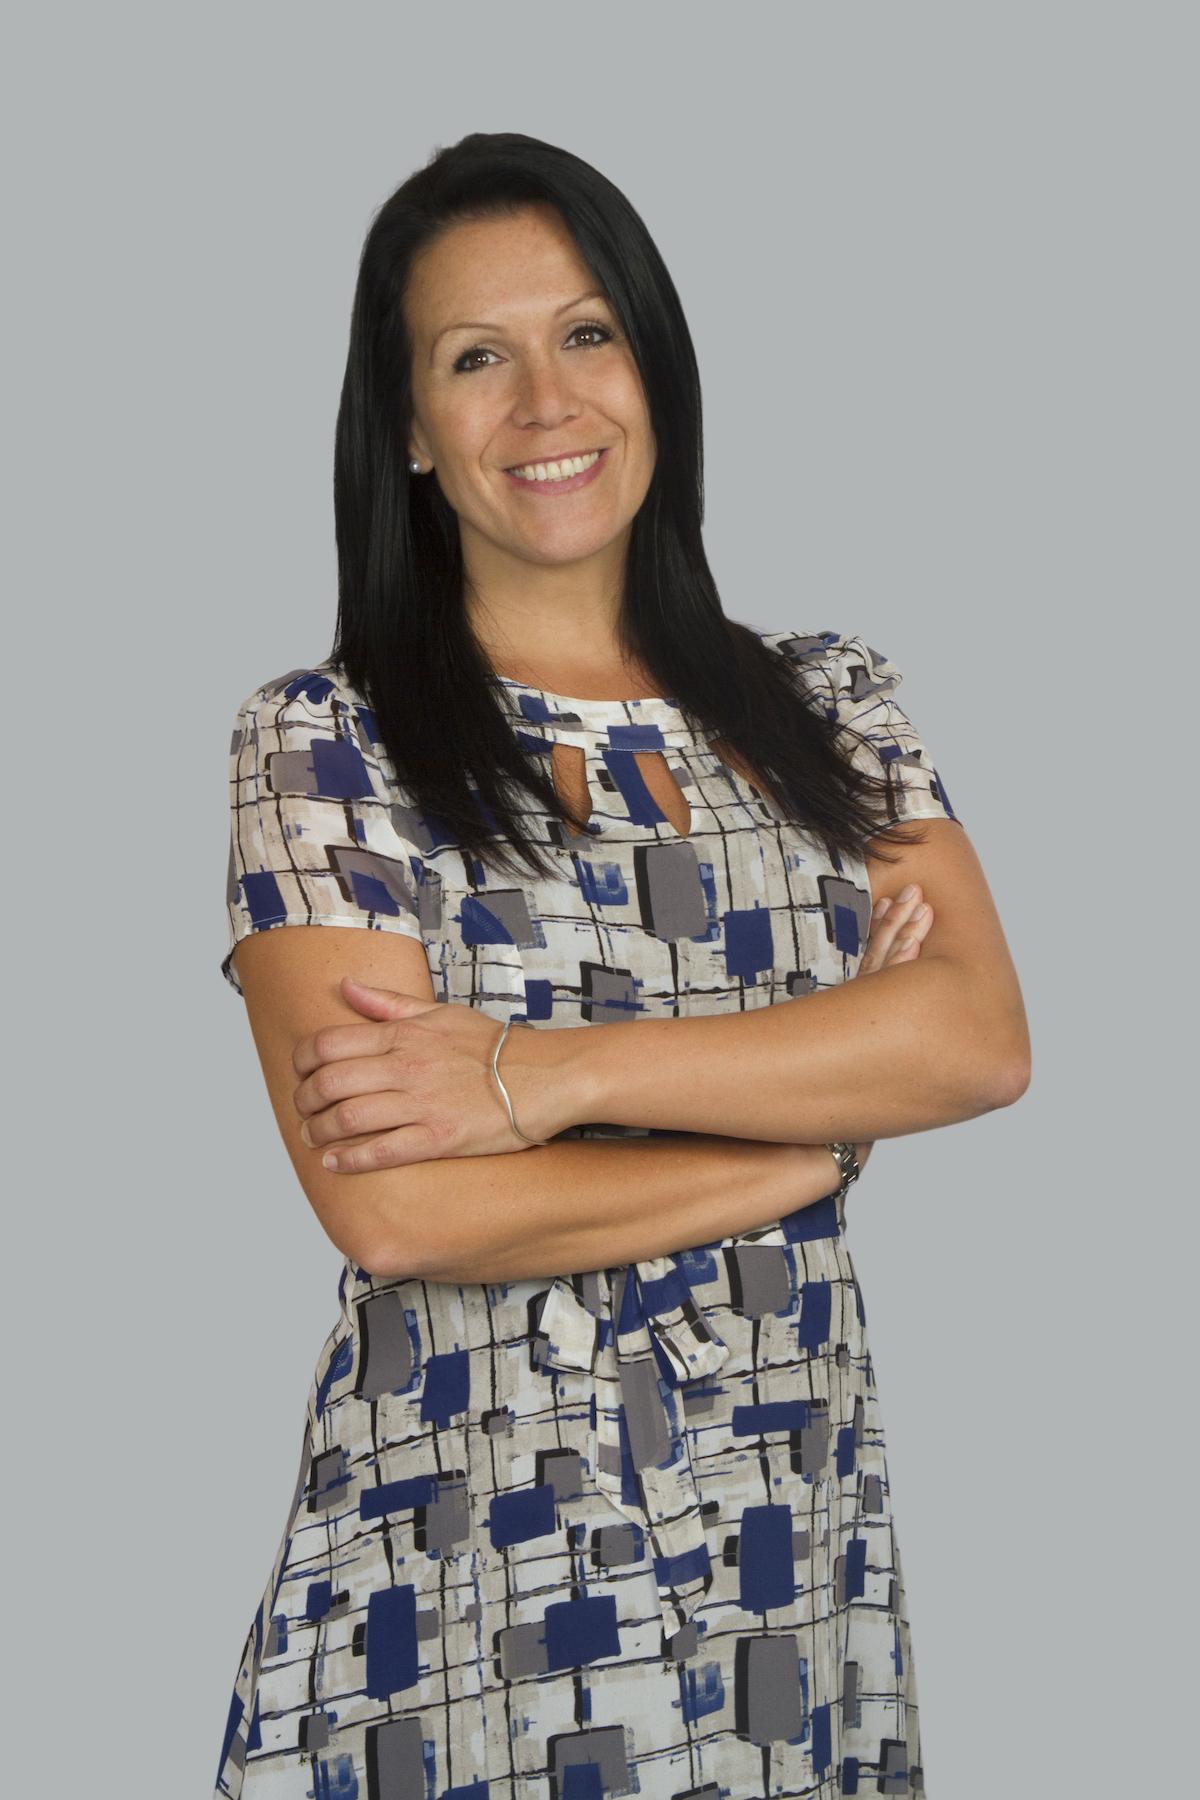 Nikki Kinloch, Cure Cancer